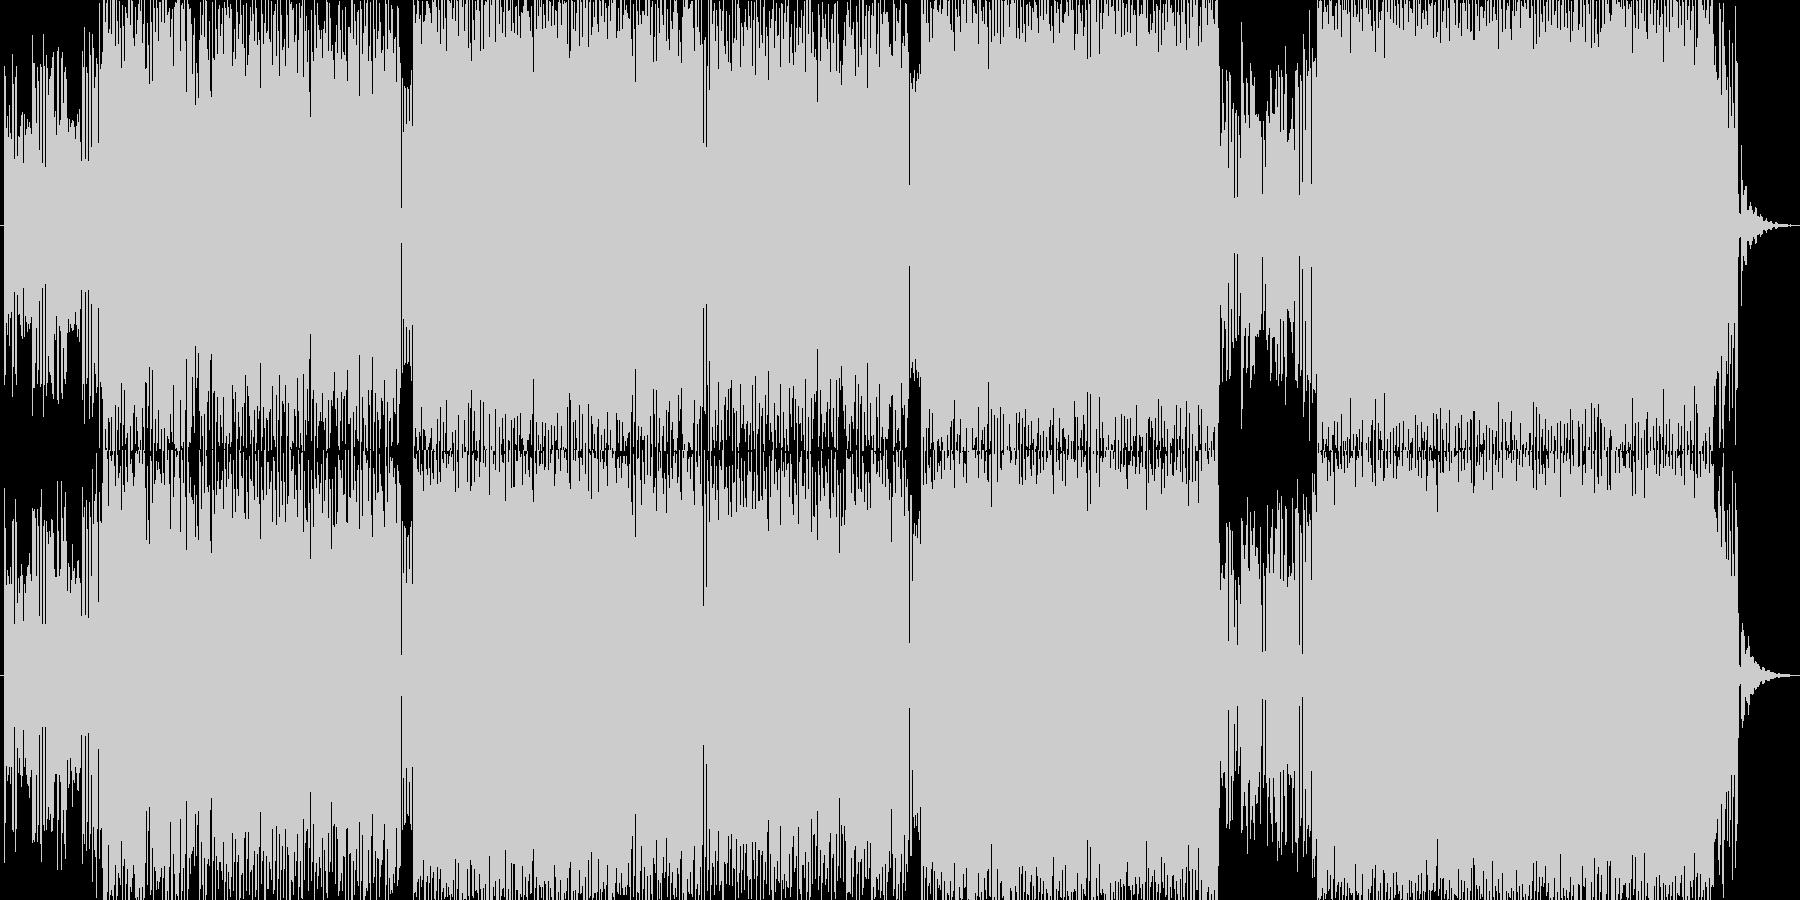 可愛らしい雰囲気のアップテンポ曲です。の未再生の波形